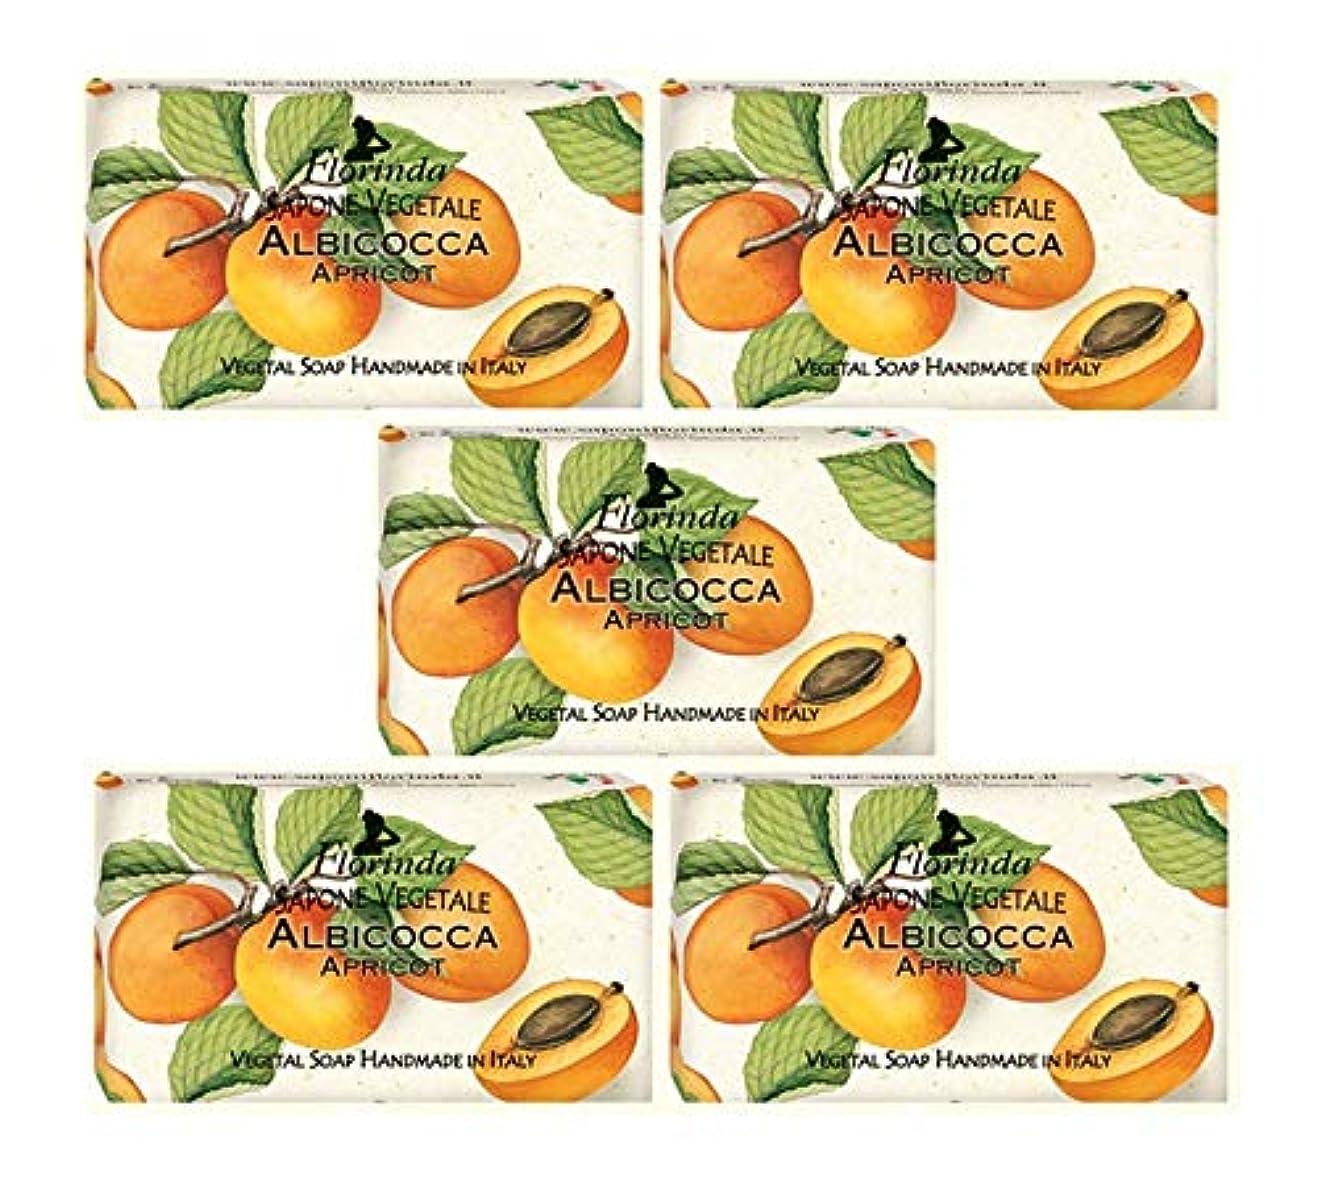 カートン不可能な本質的ではないフロリンダ フレグランスソープ 固形石けん フルーツの香り アプリコット 95g×5個セット